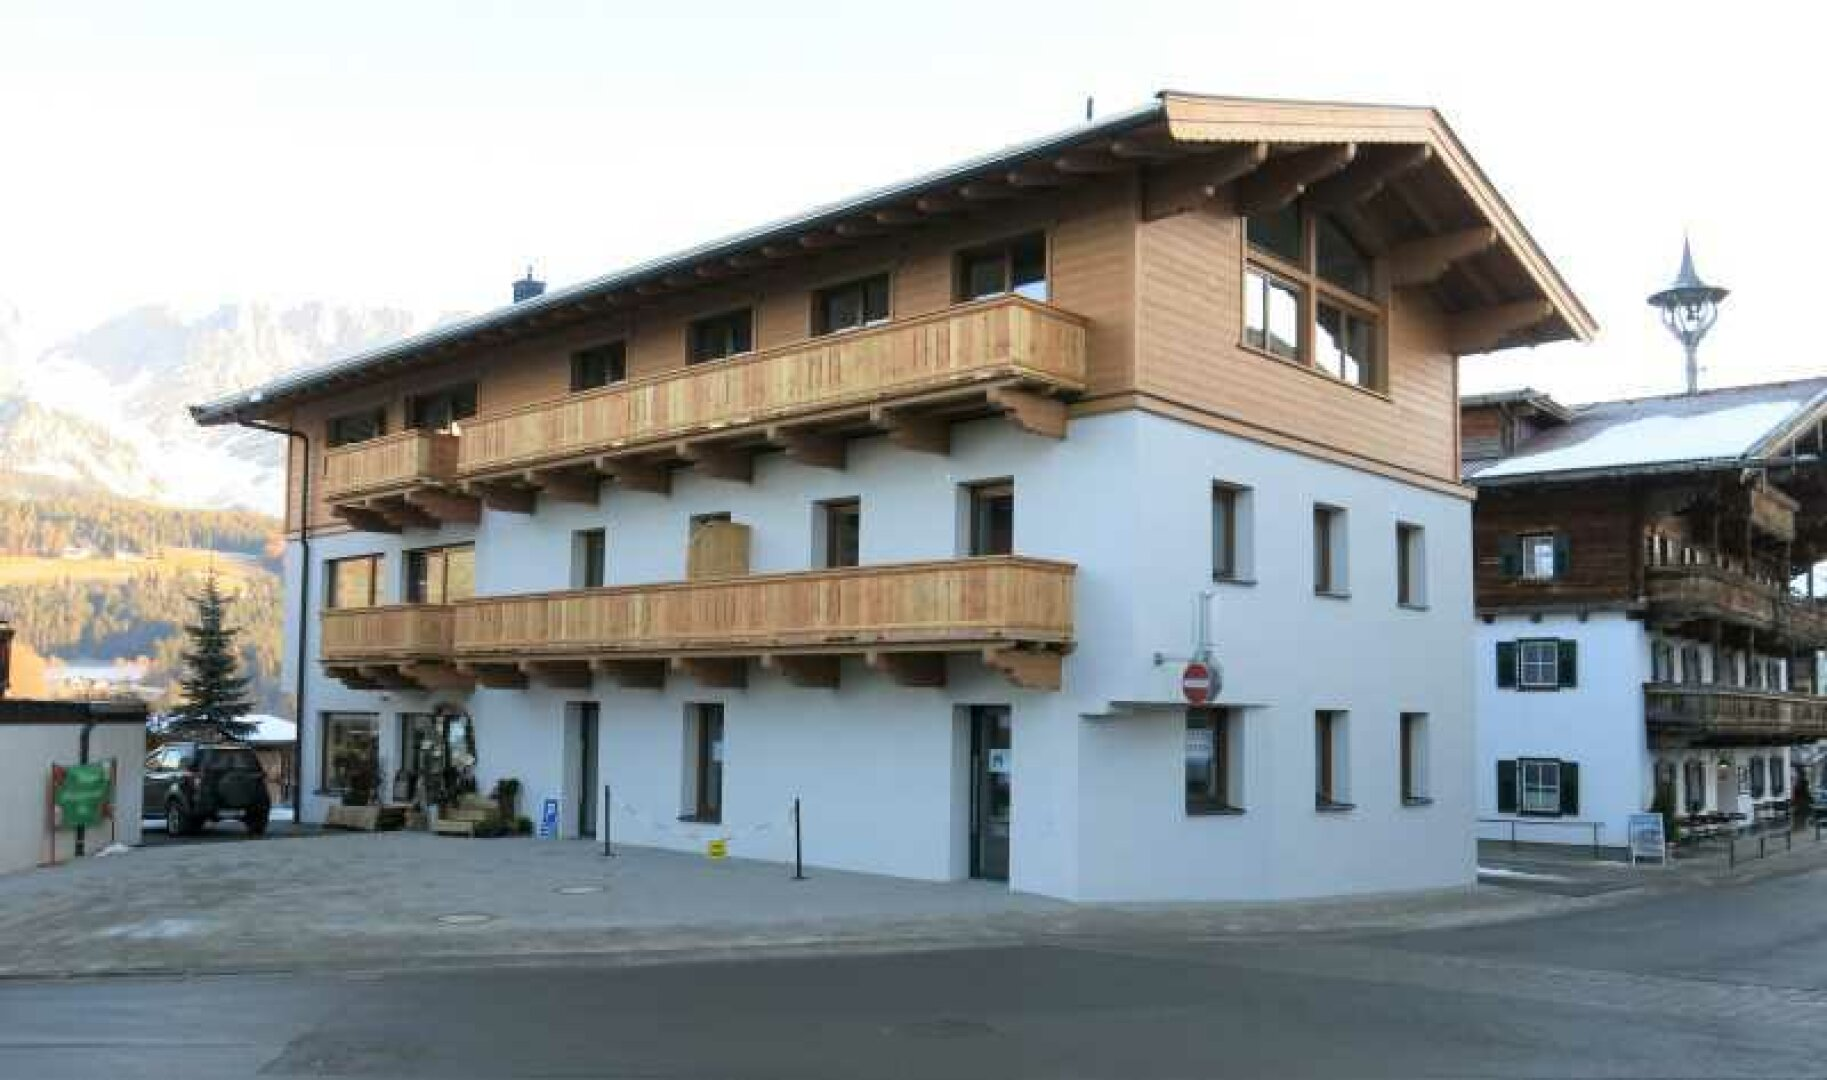 Wohn- und Geschäftshaus Ellmau, Ansicht von Südwesten